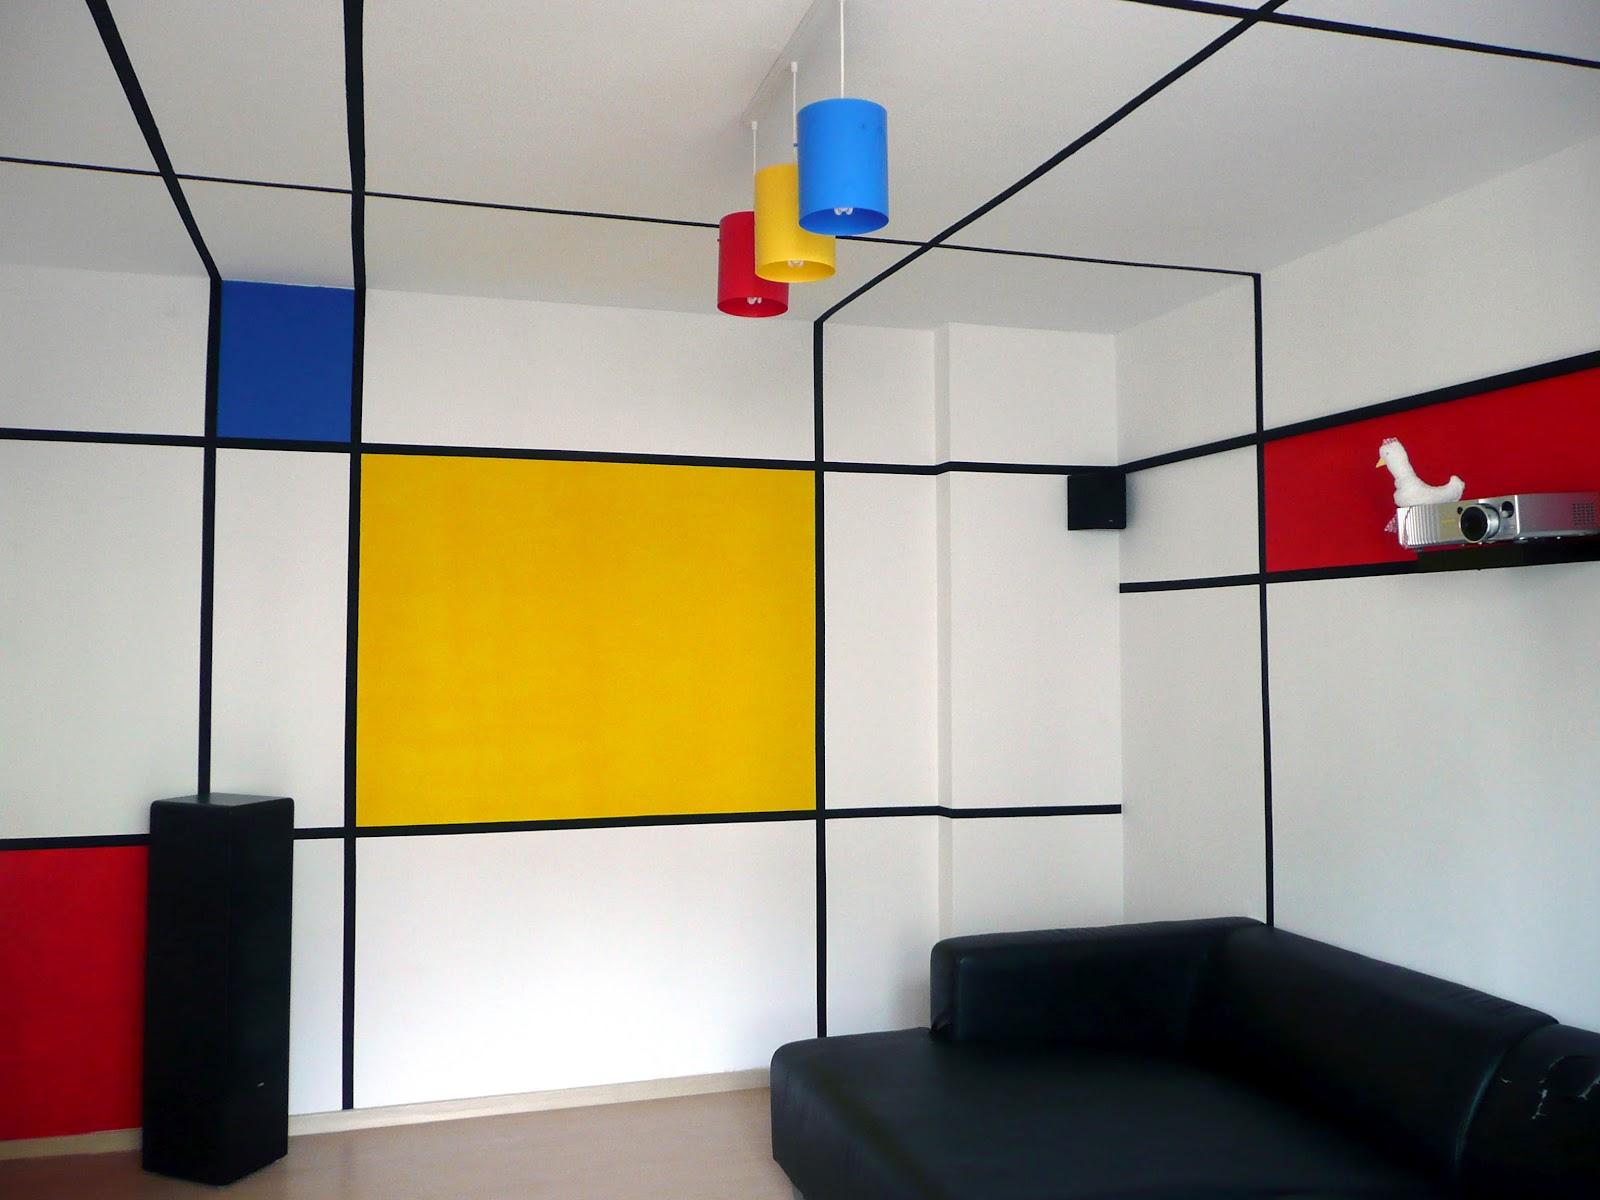 funvit.com | möbel dodenhof online - Wohnzimmer Gelb Rot